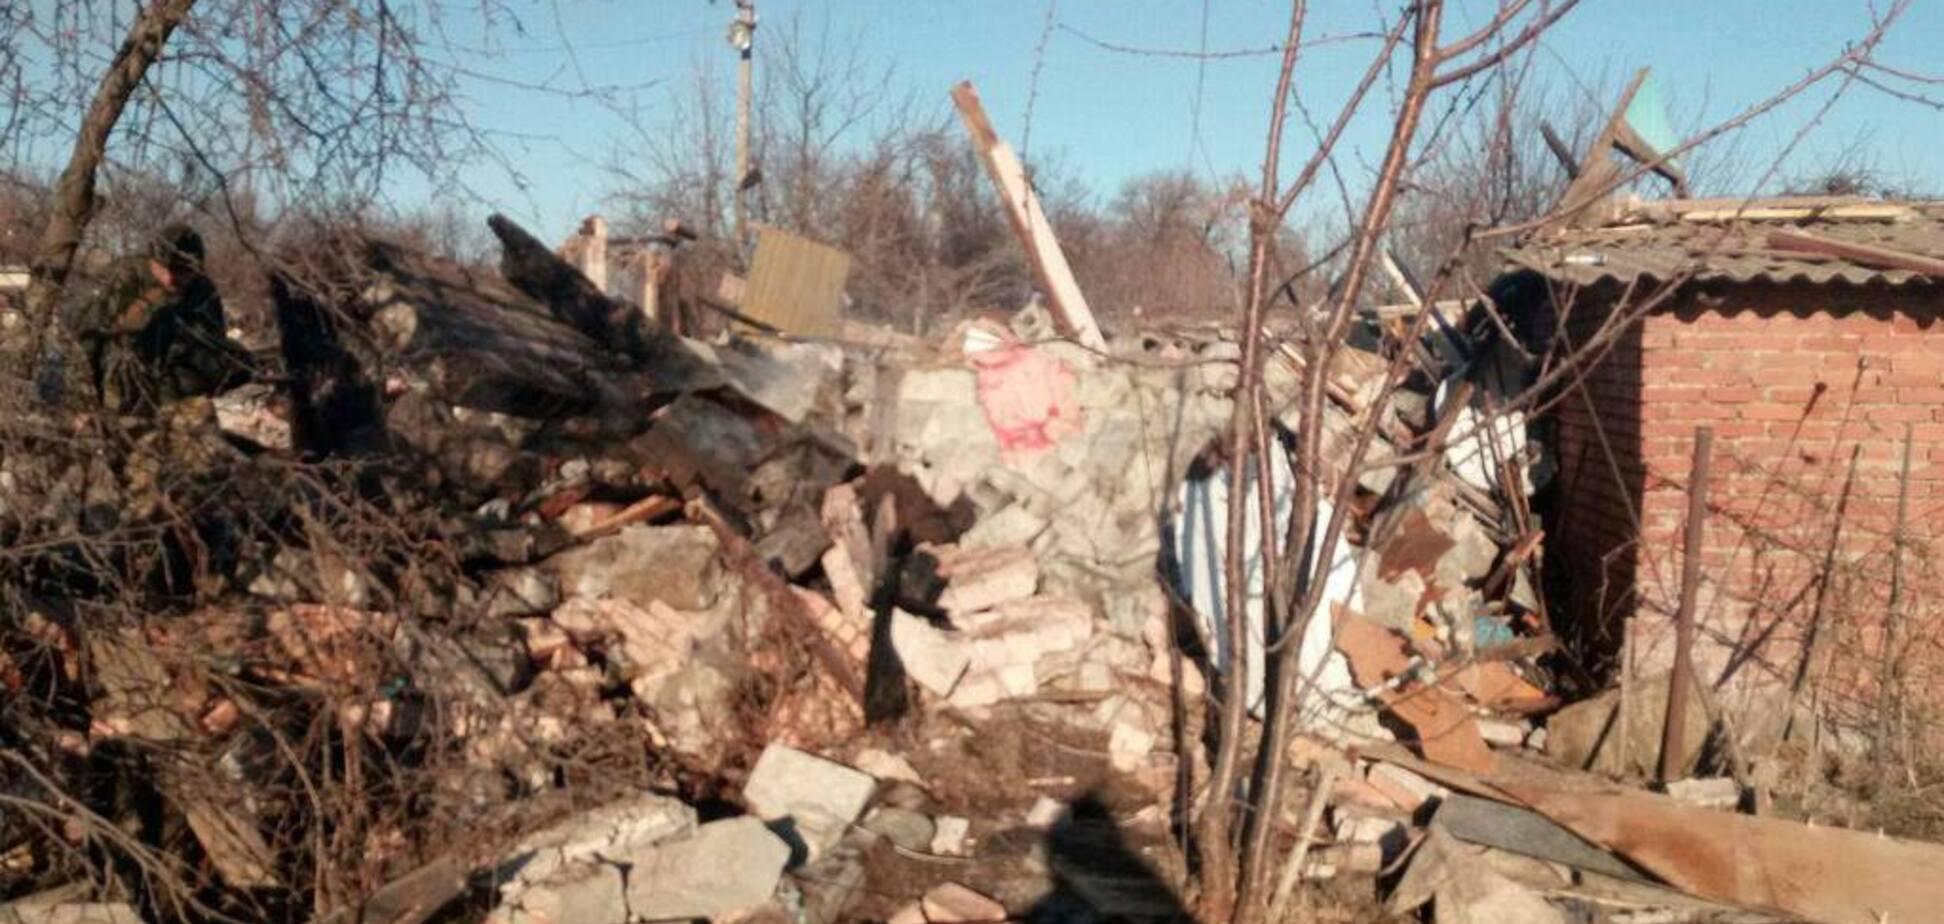 На Донбассе мирных жителей обстреляли российскими снарядами: фото с места событий